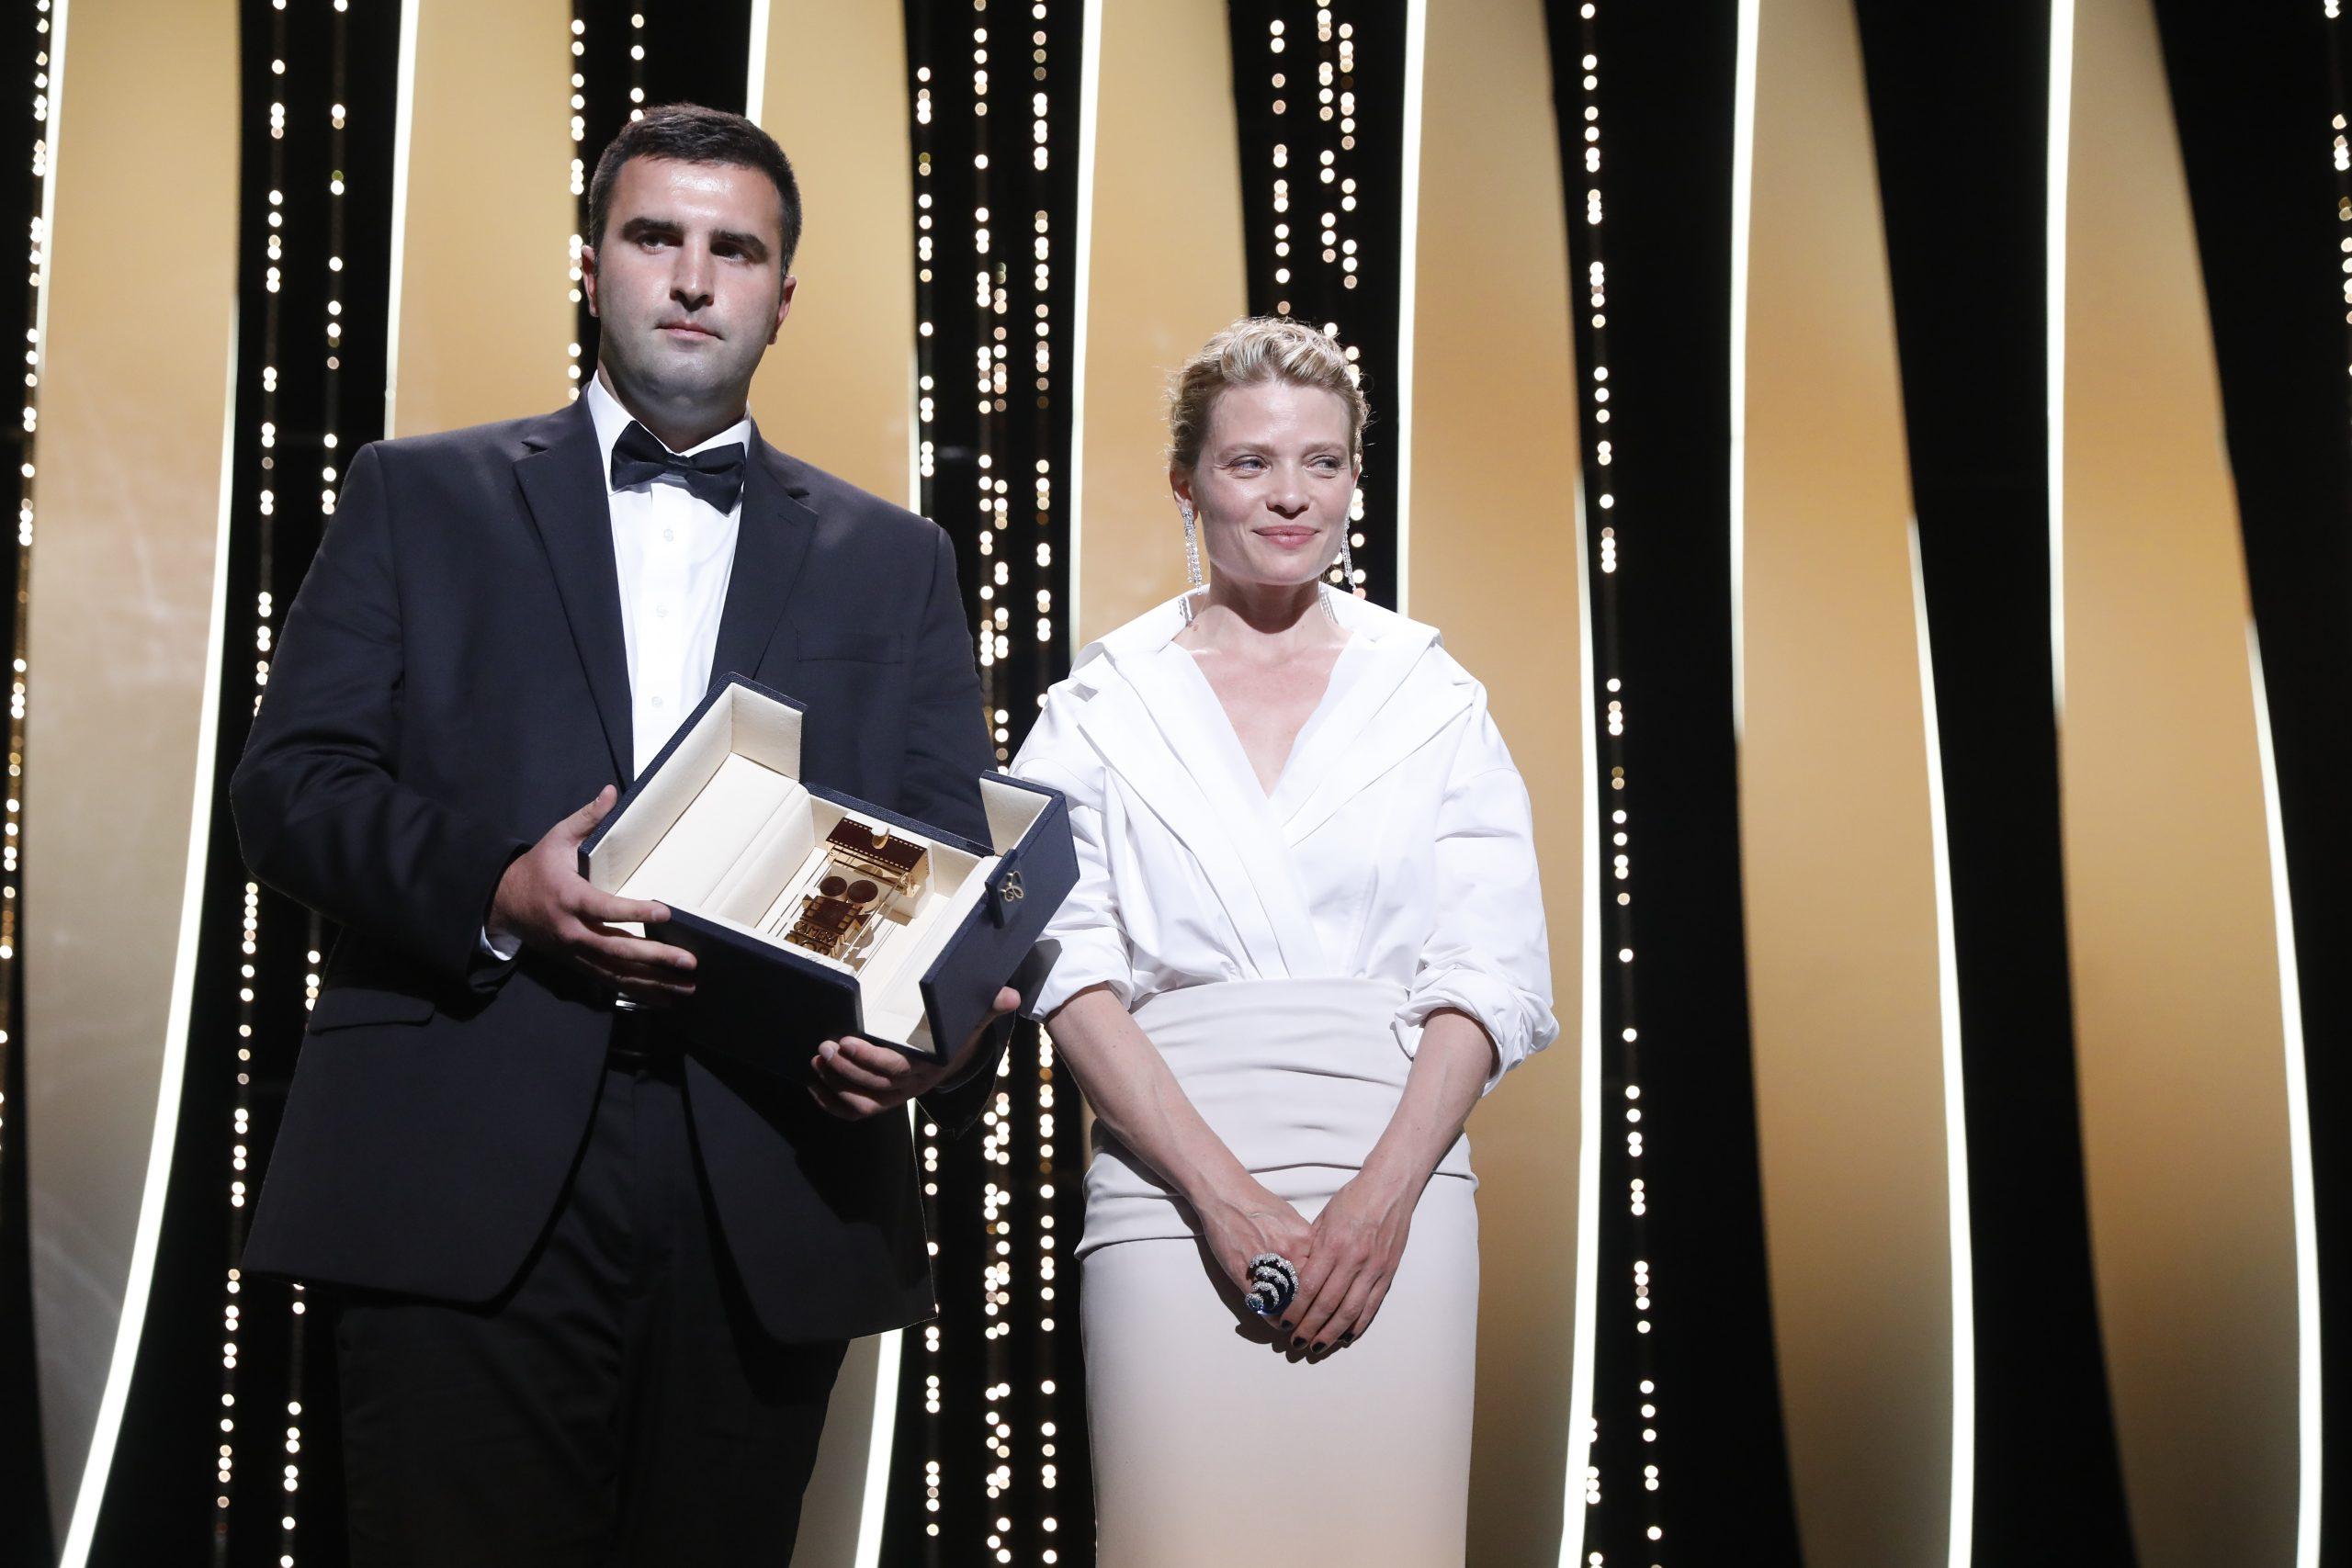 Frank Graziano i Melanie Thierry Kan, filmski festival u Kanu, dobitnici nagrada, nagrade